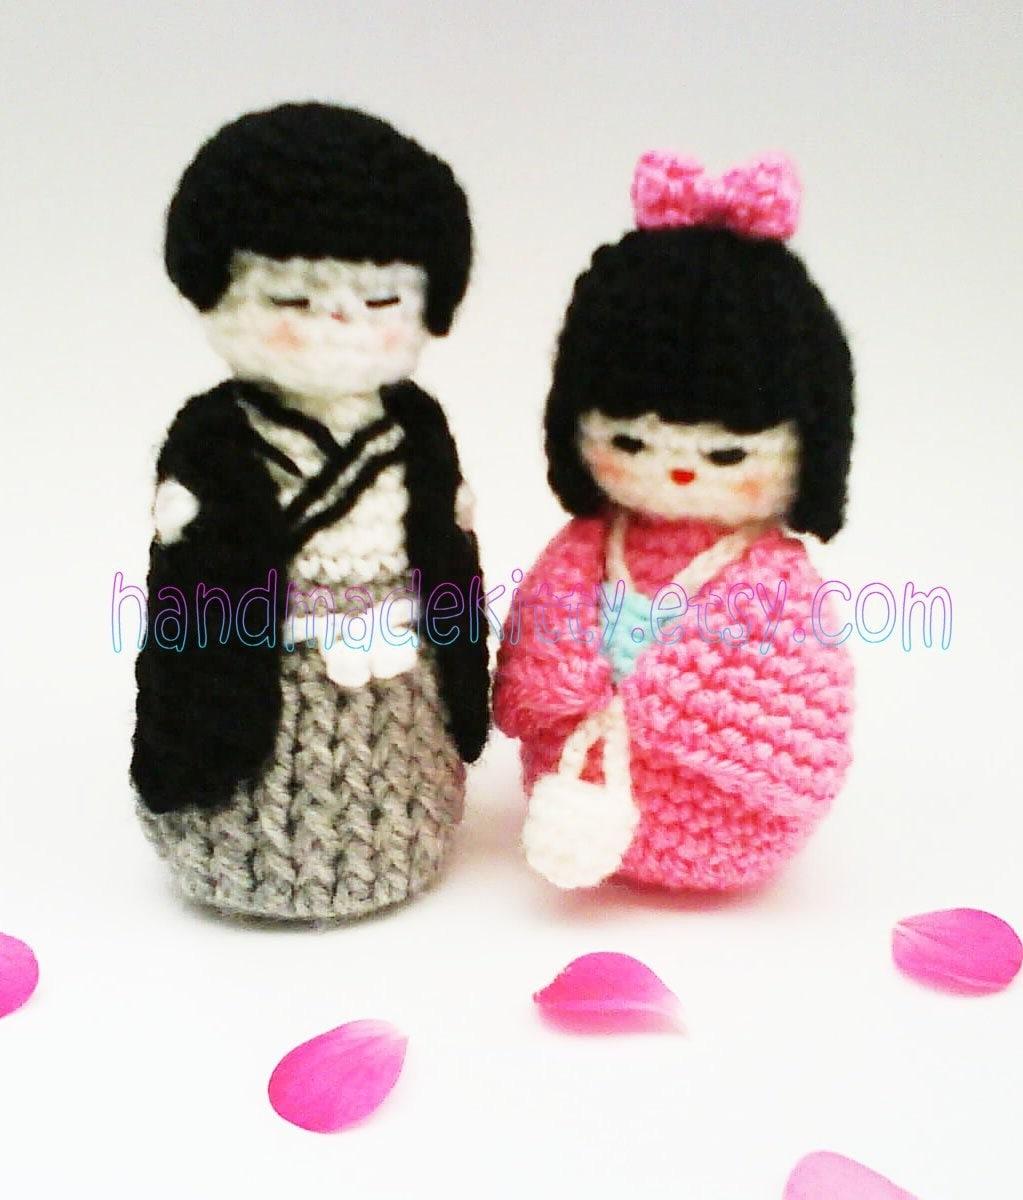 Japanese Amigurumi Doll Patterns : HandmadeKitty: Kawaii japanese couple kokeshi amigurumi dolls.